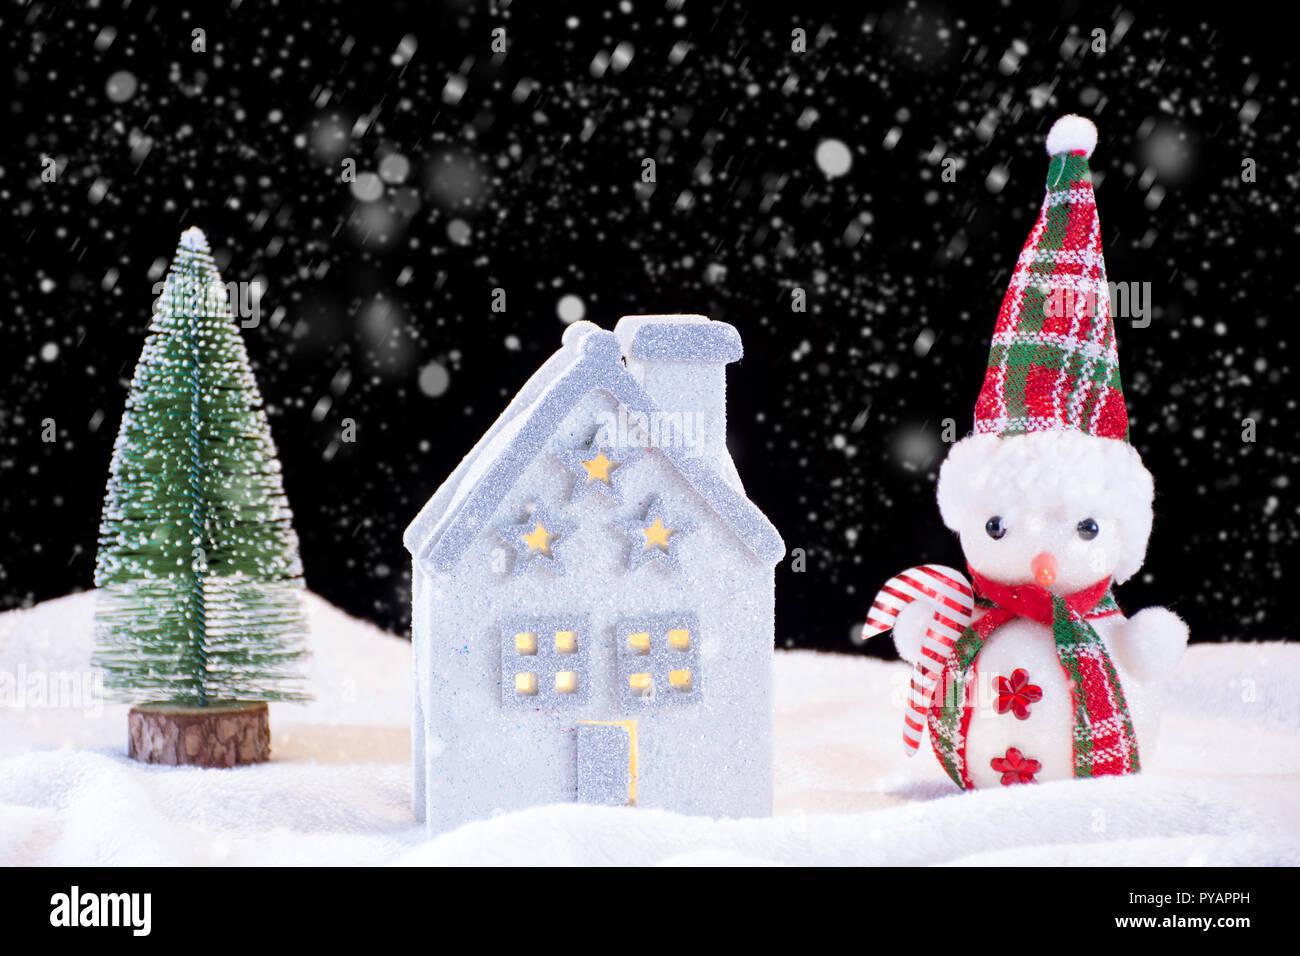 Tannenbaum Der Schneit.Weihnachten Nacht Idylle Mit Kleinen Haus Spielzeug Und Schneemann